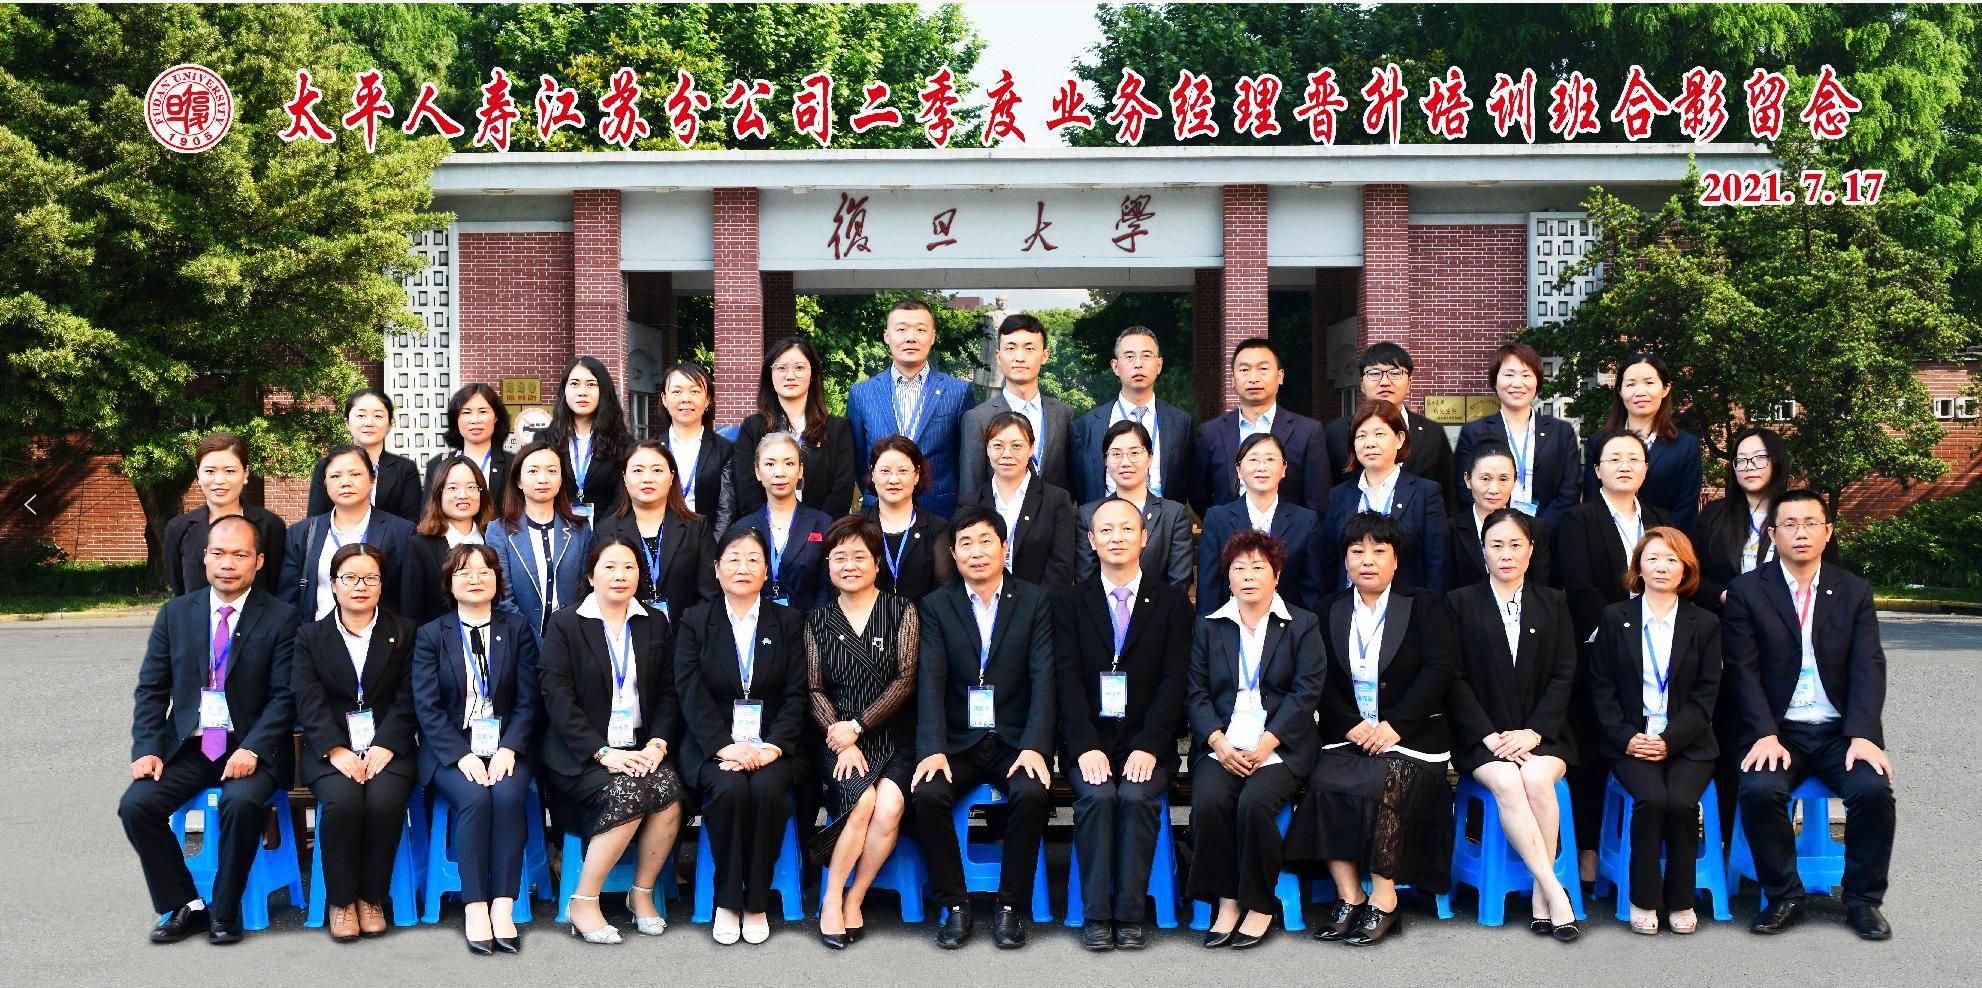 太平人寿江苏分公司二季度业务经理能力提升培训班